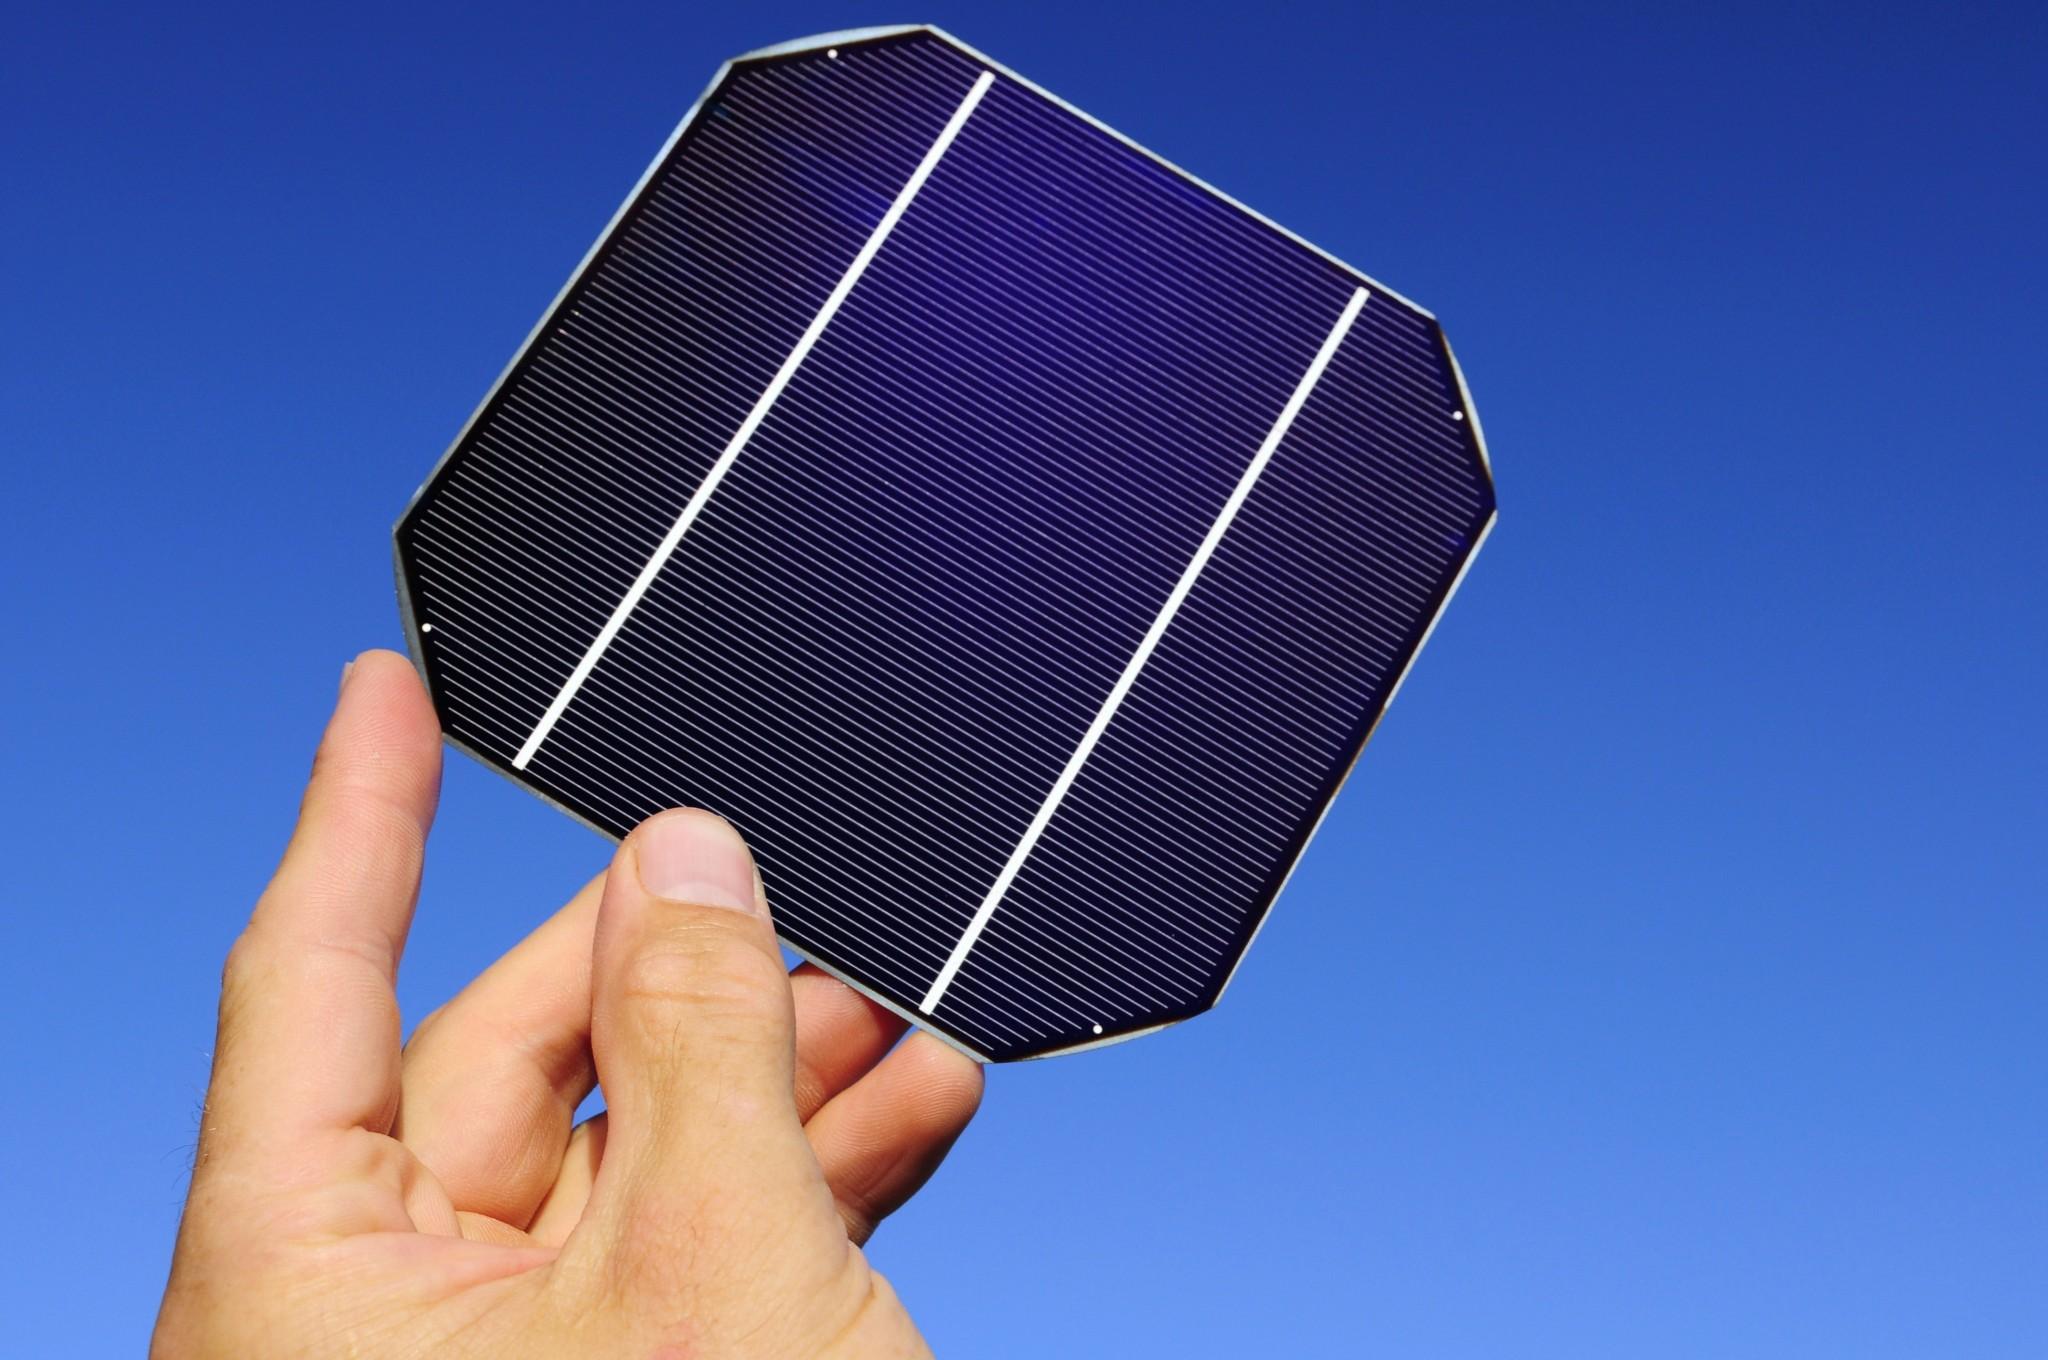 energia solar taboao da serra _ uma célula solar fotovoltaica